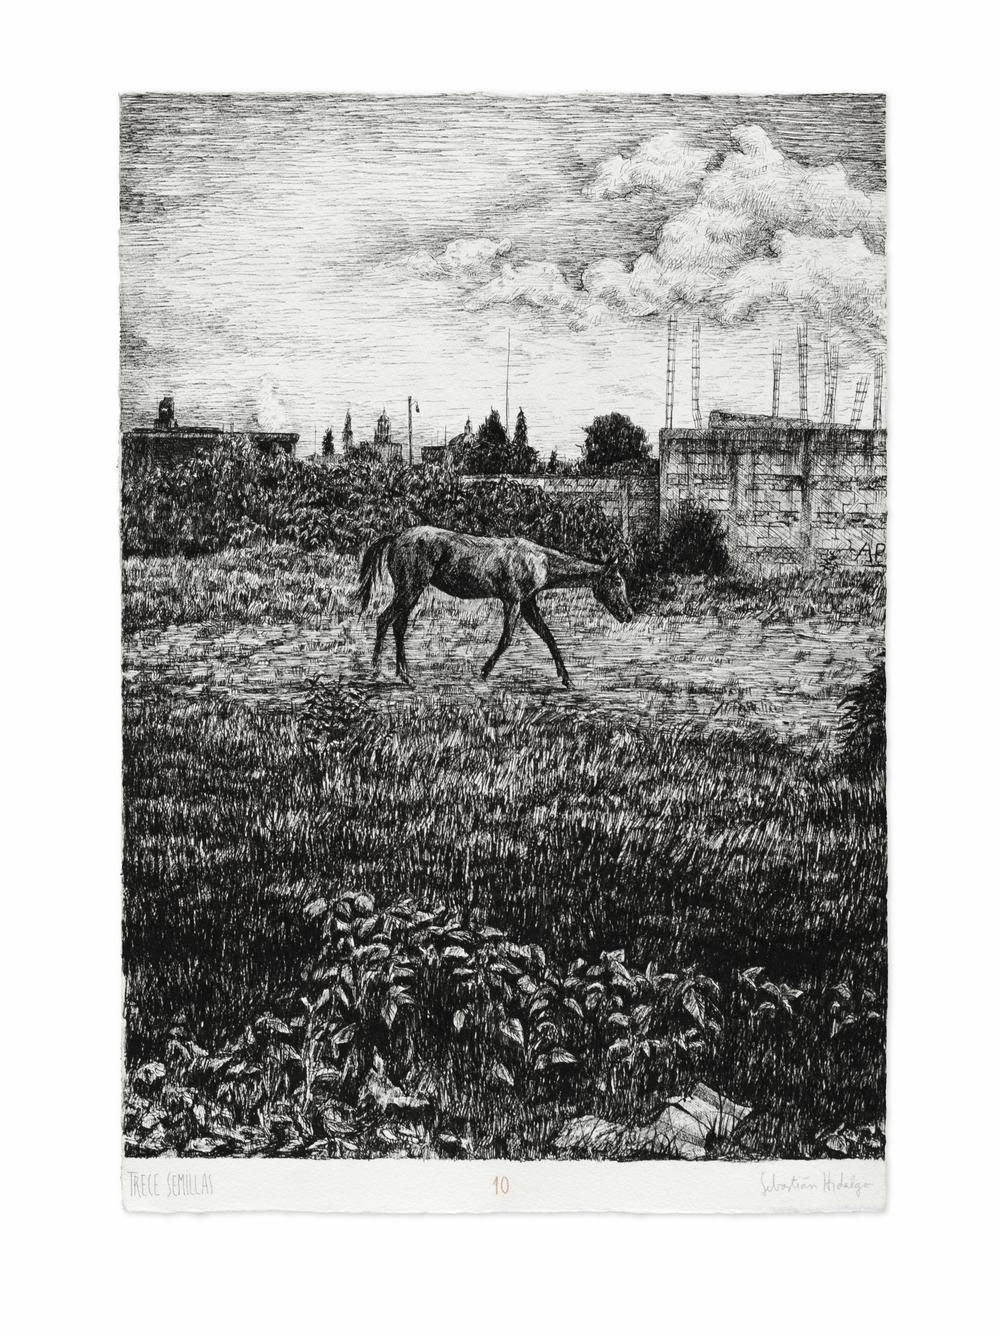 Trece semillas/10, 2015 Ink on paper, 39 x 26.5 cm